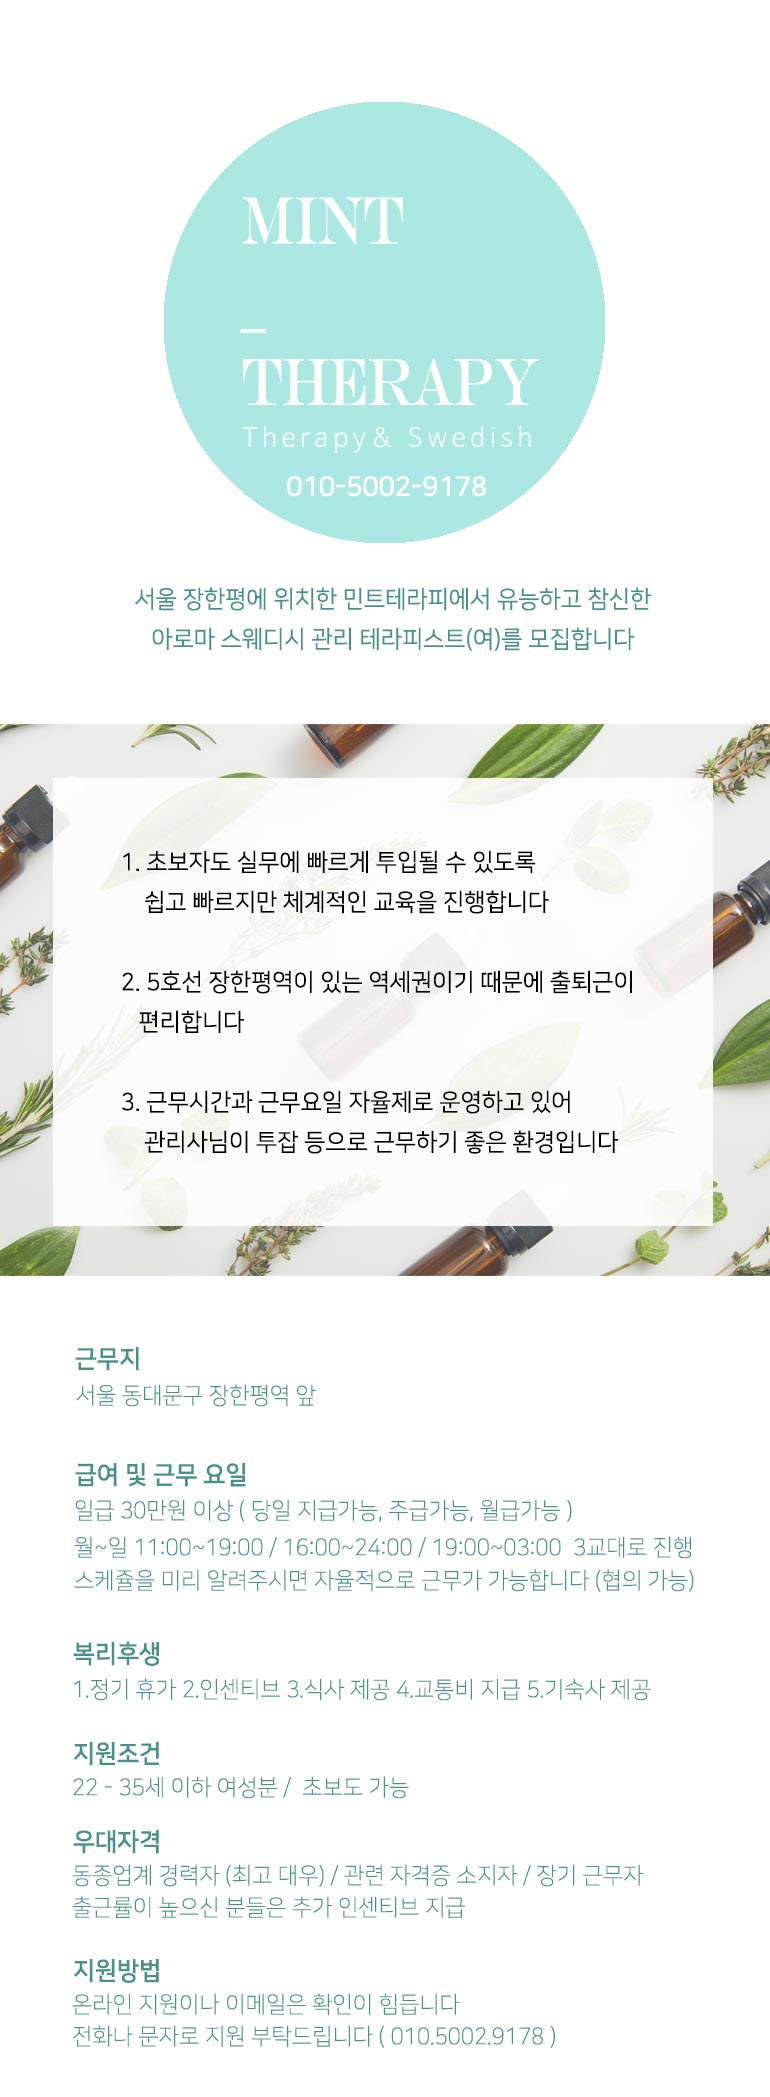 민트테라피 - [일50이상]♥민트테라피♥ 동대문/장안동/용답동 ▶갯수보장 / 초보환영 / 시간협의가능 관리사모집합니다